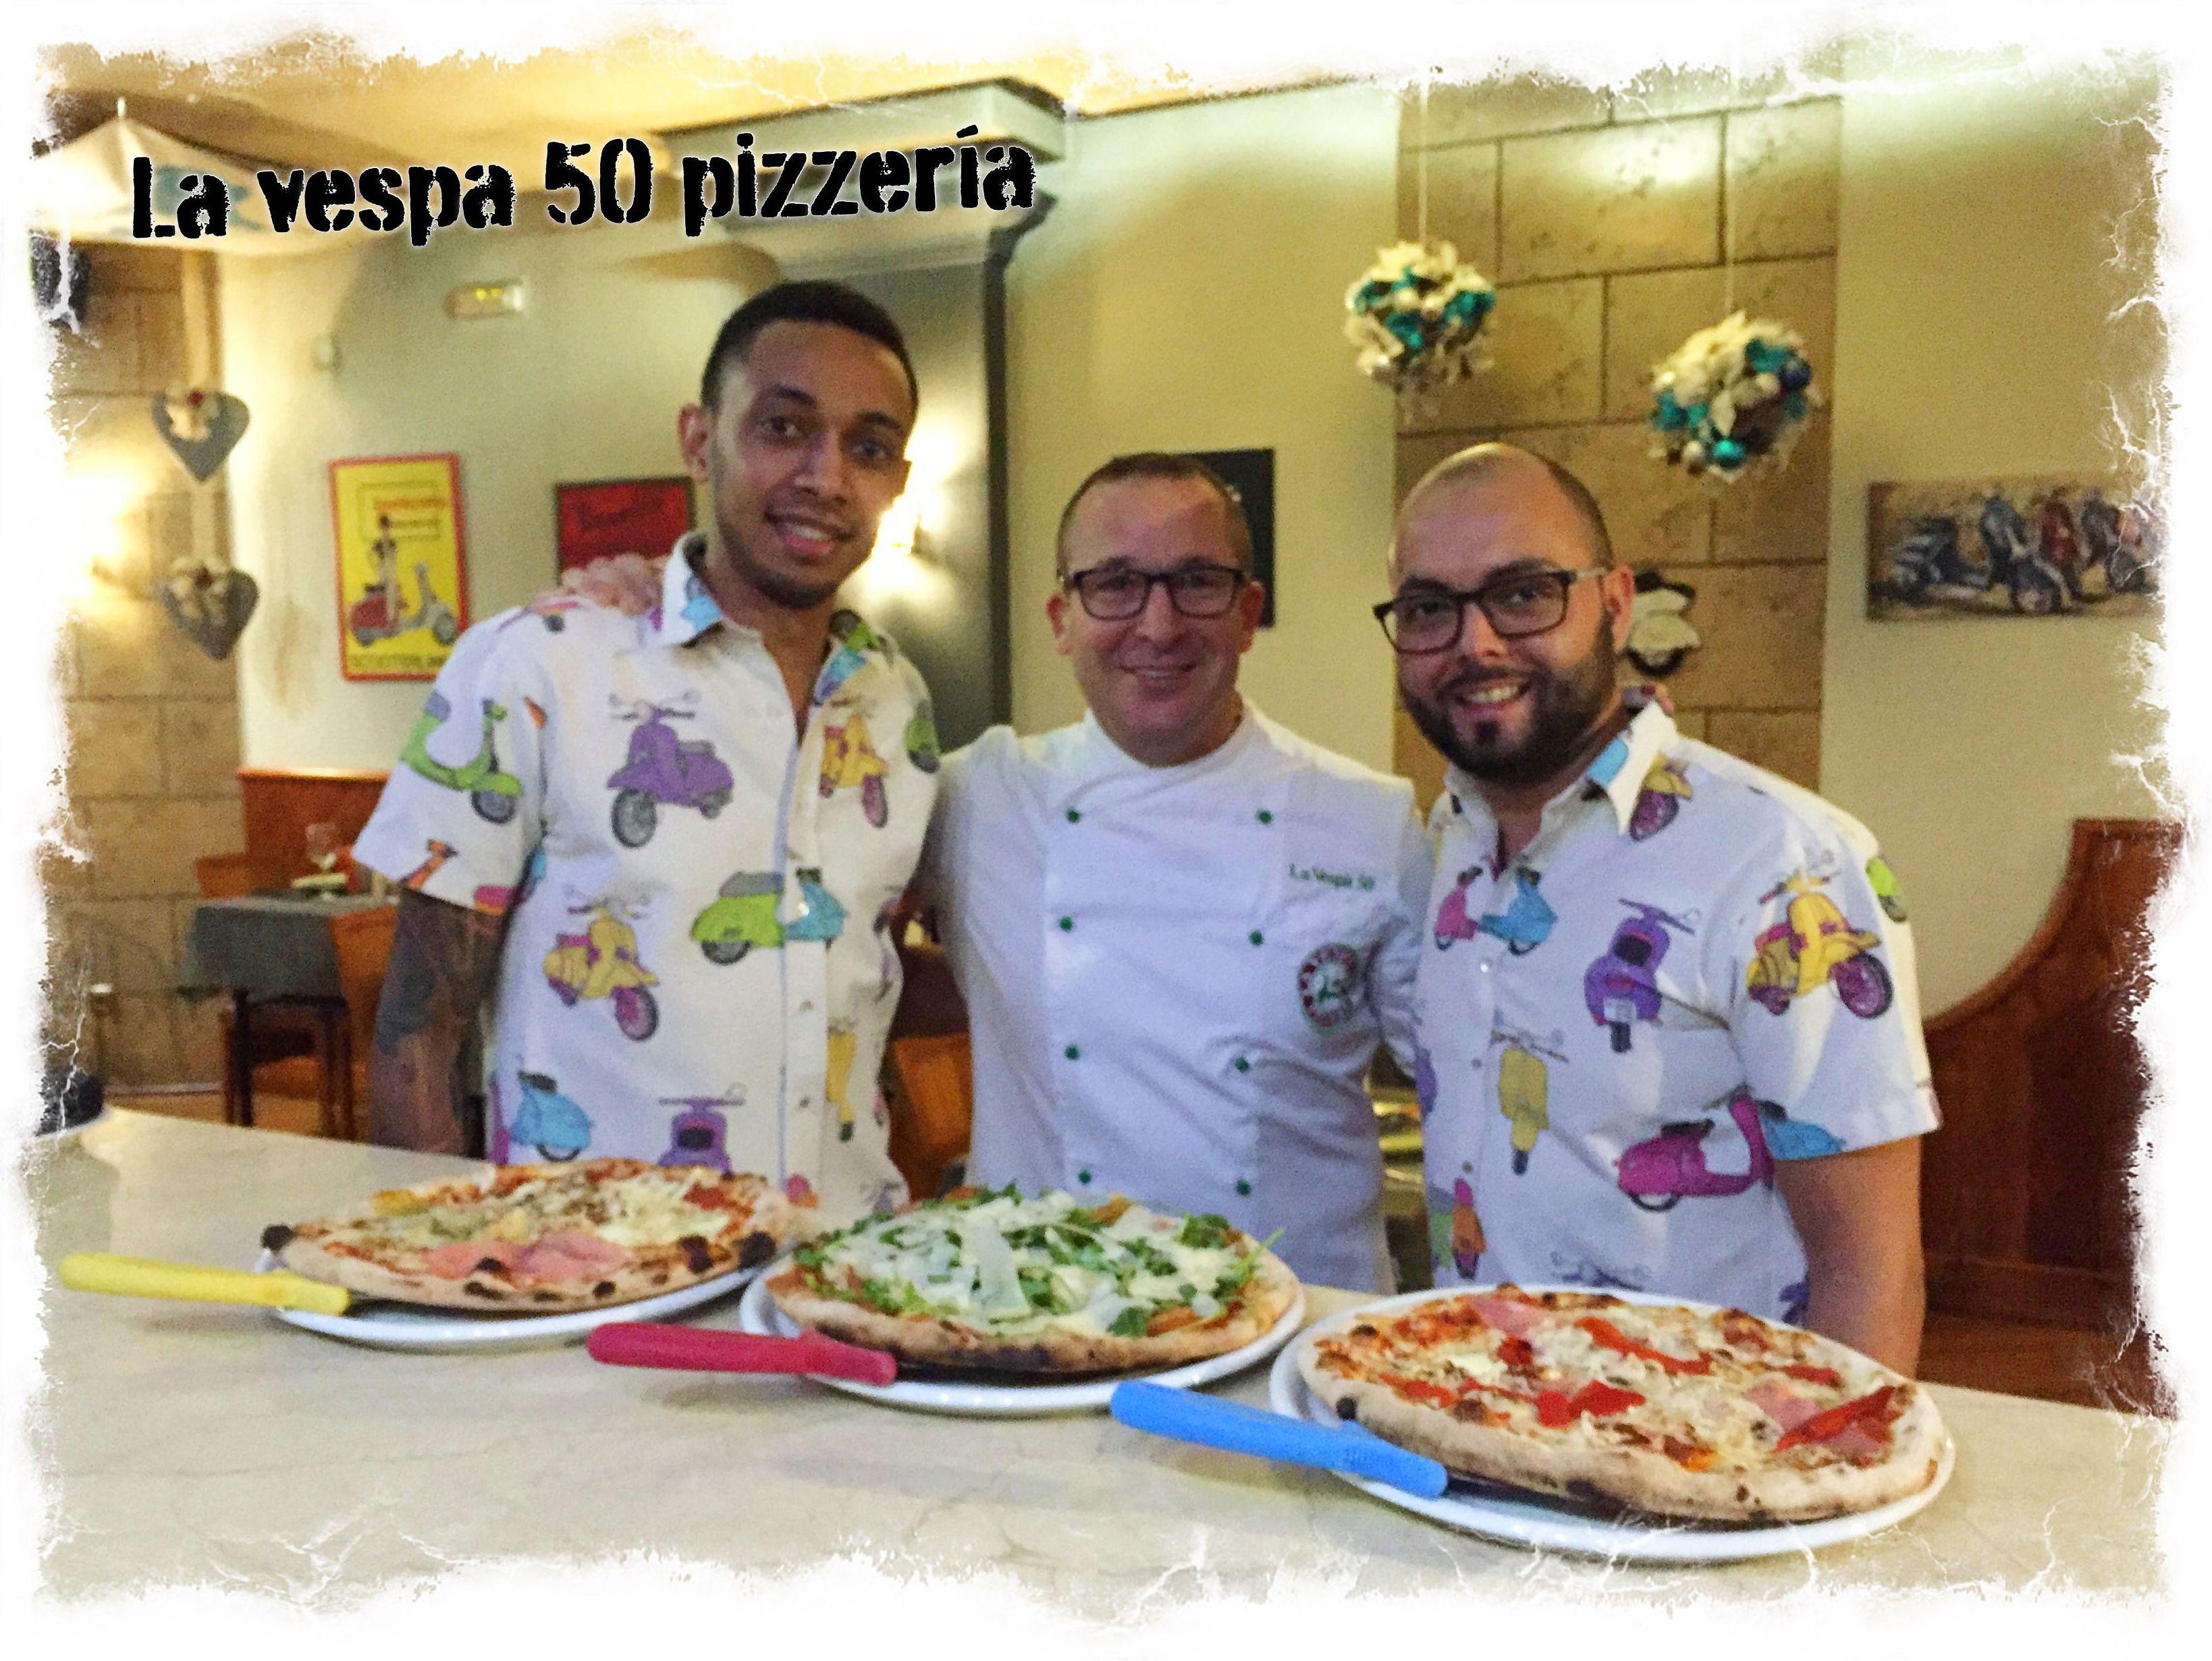 Una sonrisa vespa 50 pizzería...ya estamos preparados para que paséis un buen momento.